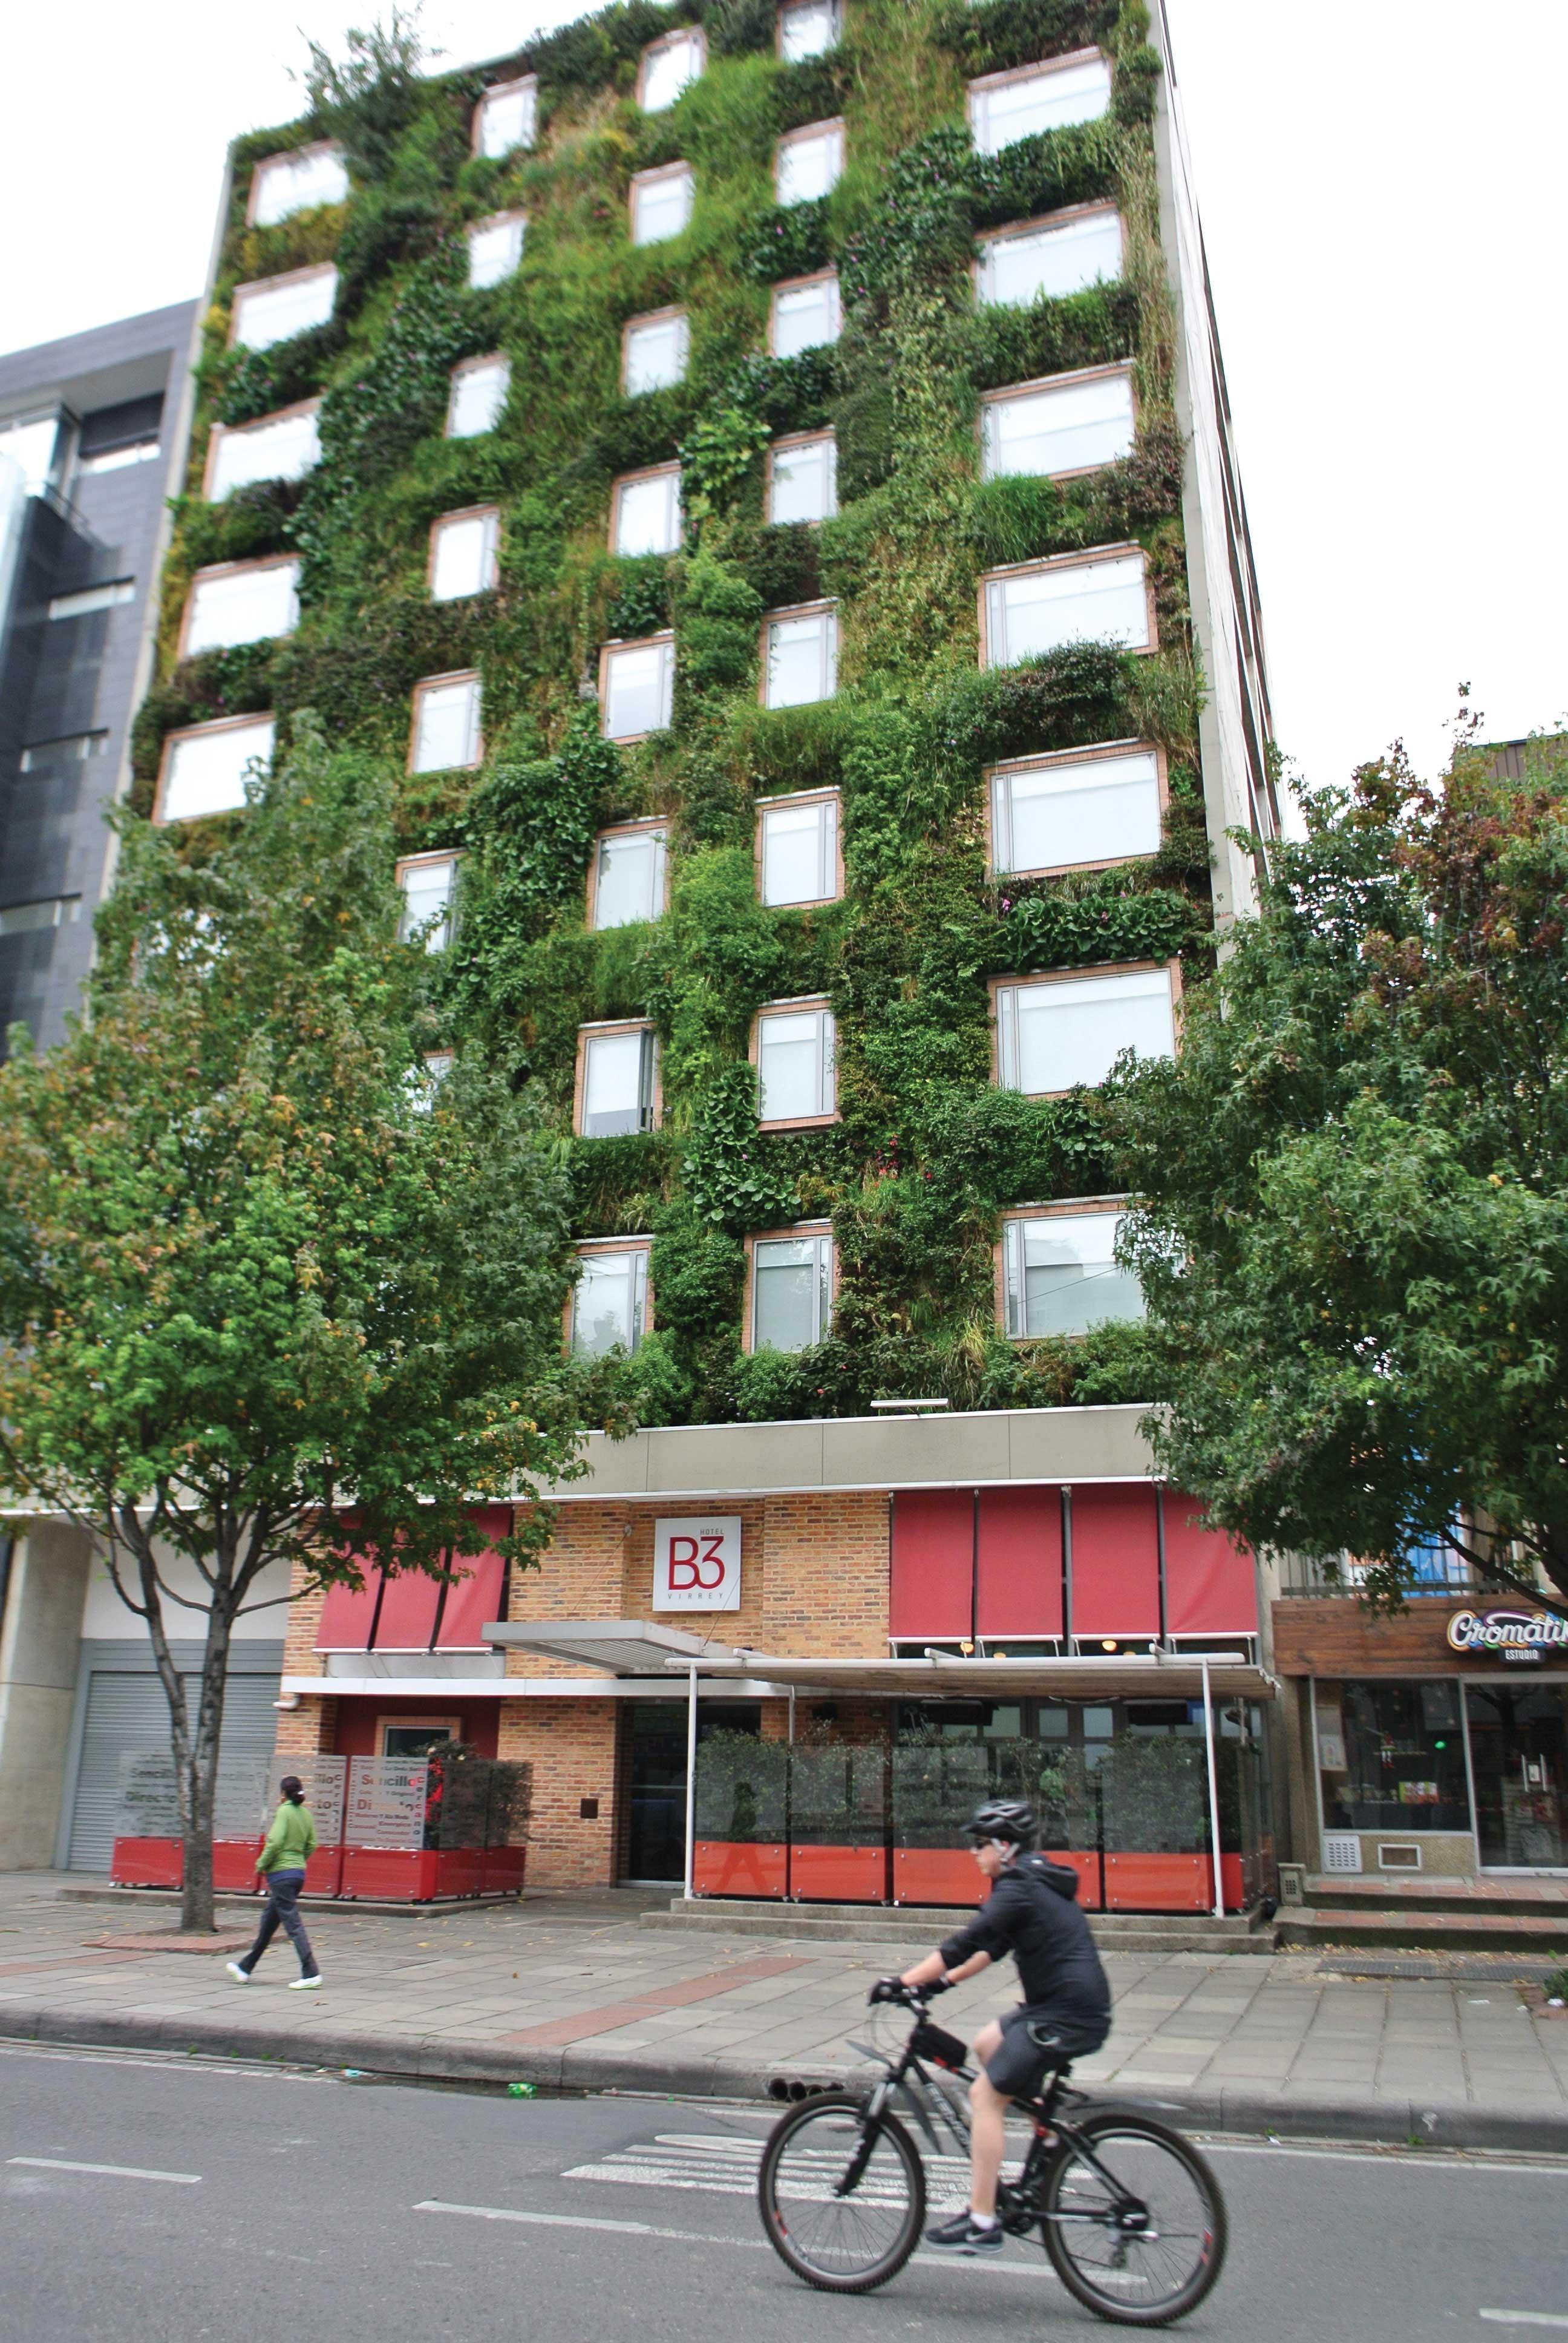 À Bogotá, l'entreprise Groncol contribue à verdir les rues en construisant des murs végétaux. En cinq ans d'existence, la PME a répondu à 120 commandes. (Photo: David Riendeau)